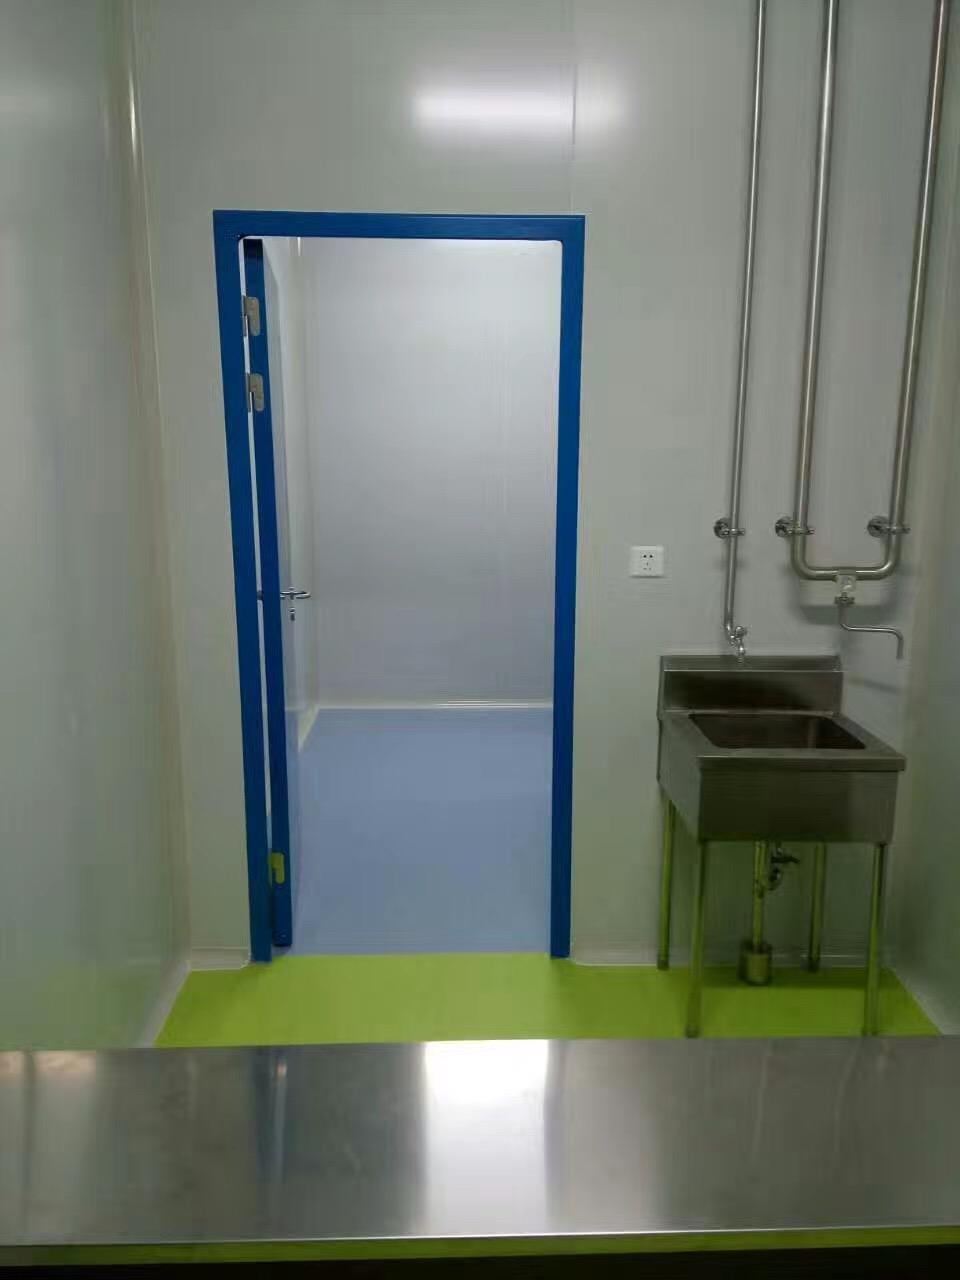 大连厂家玻璃钢管道工艺墙纸浅专业的米色太淡了图片